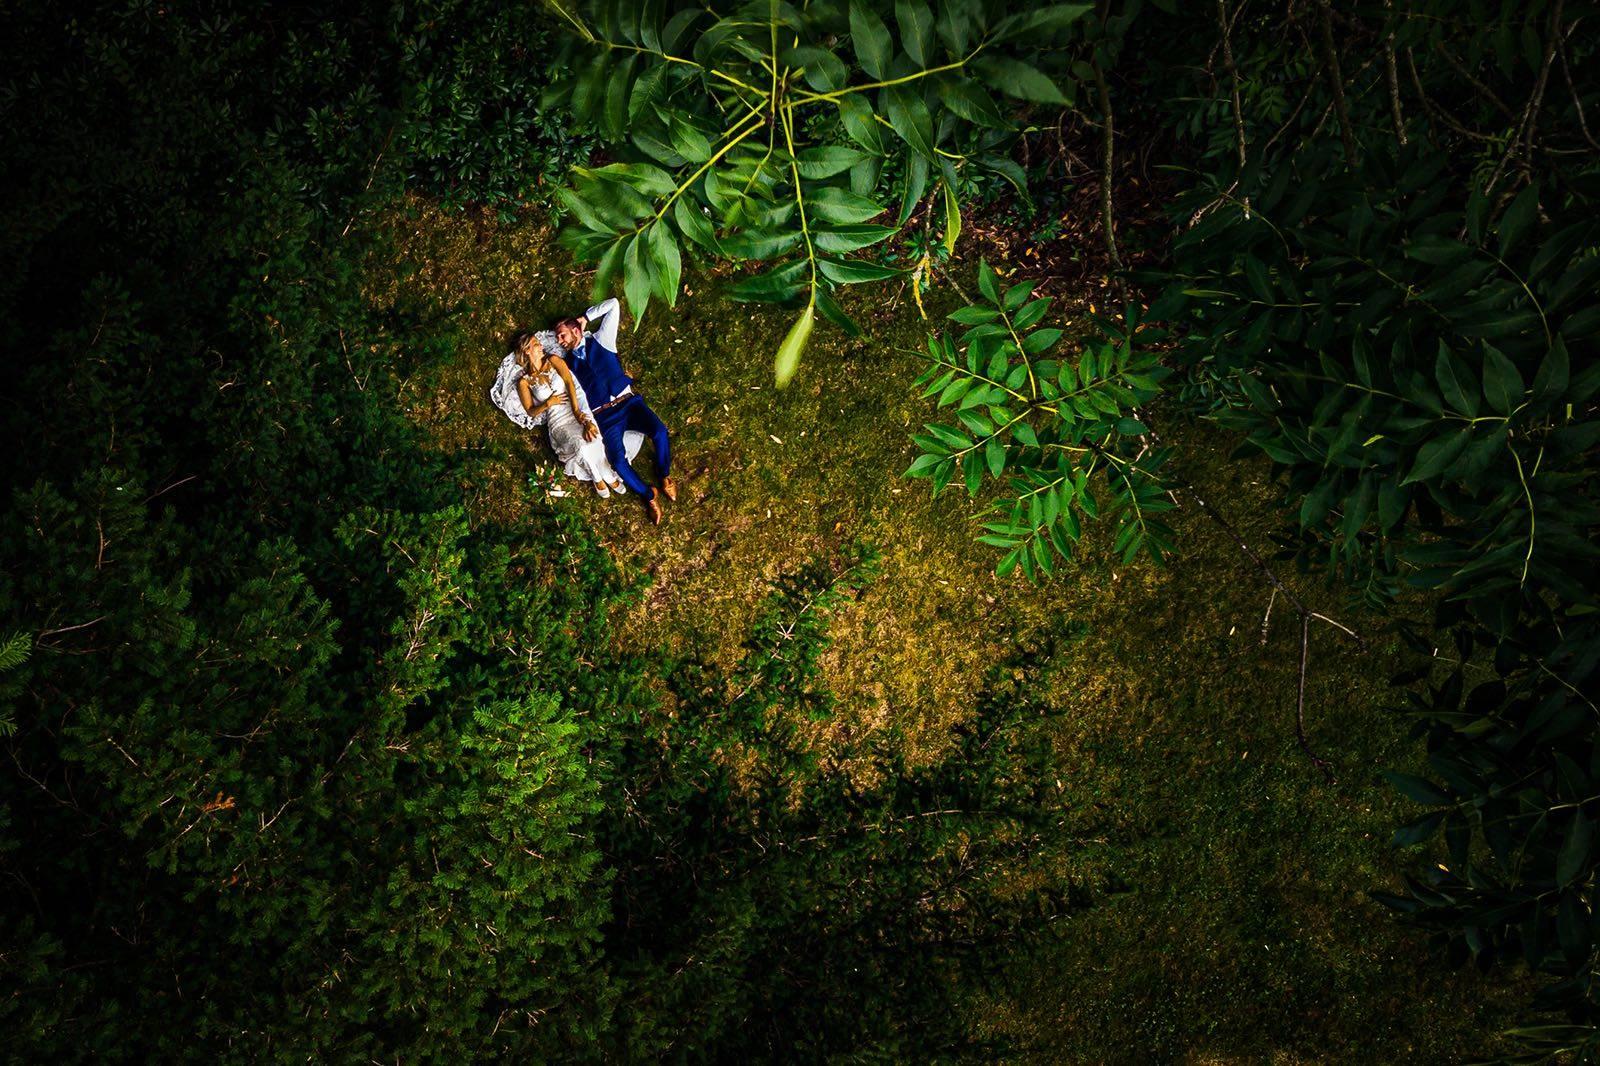 Wondermooi - Trouwfotograaf - Huwelijksfotograaf - Fotograaf - House of Weddings - 3